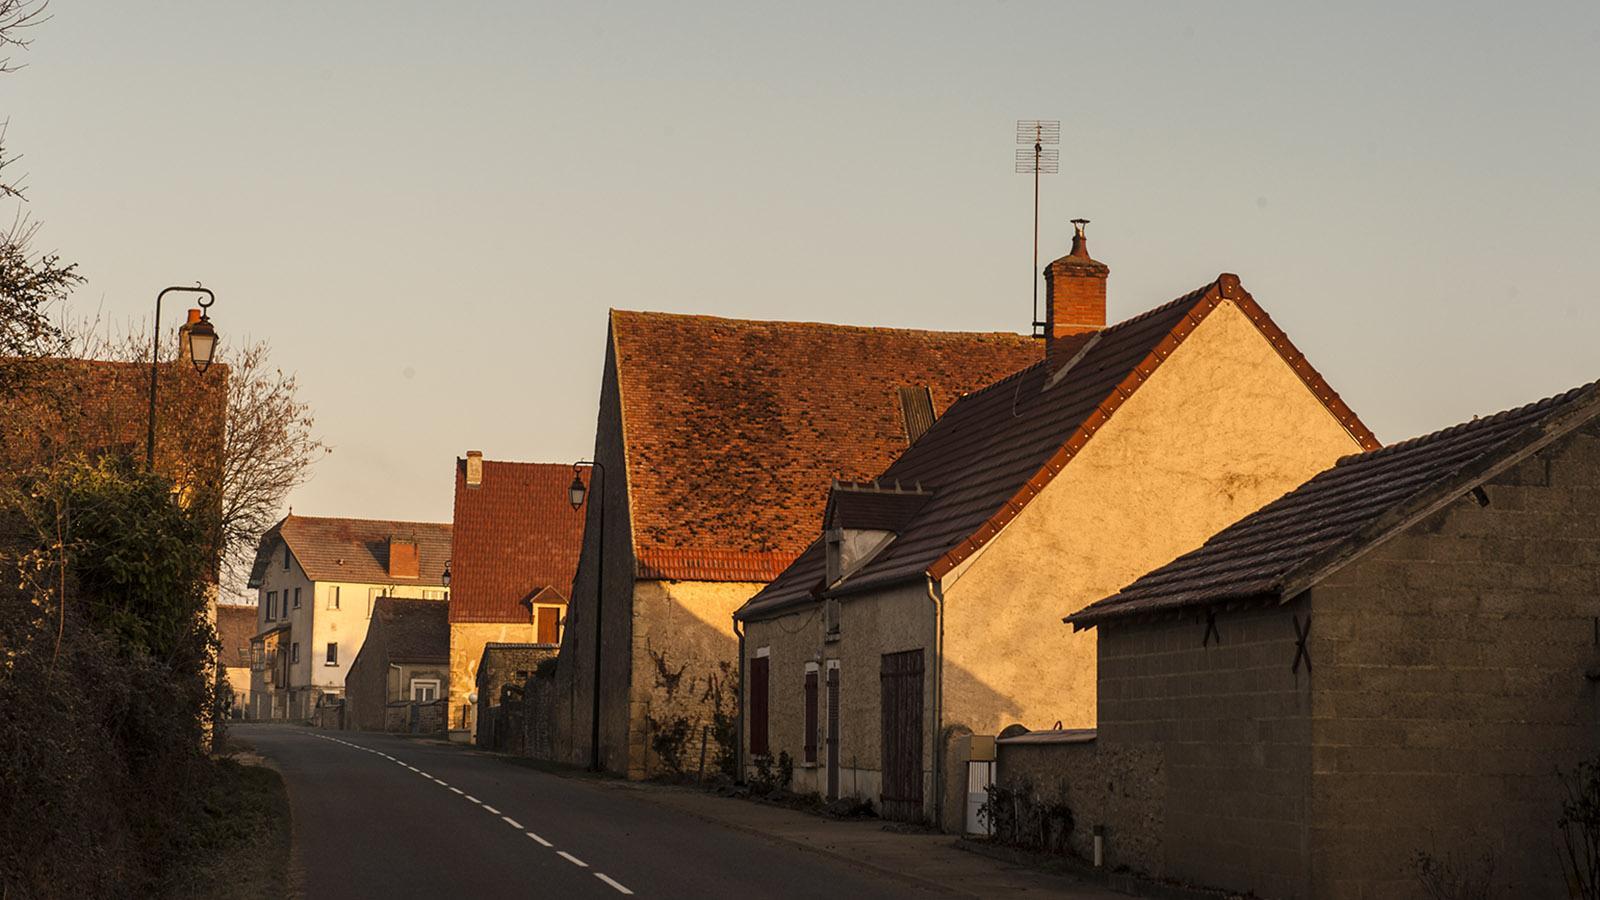 Unterwegs im Berry: typische Dorfstraße. Foto: Hilke Maunder